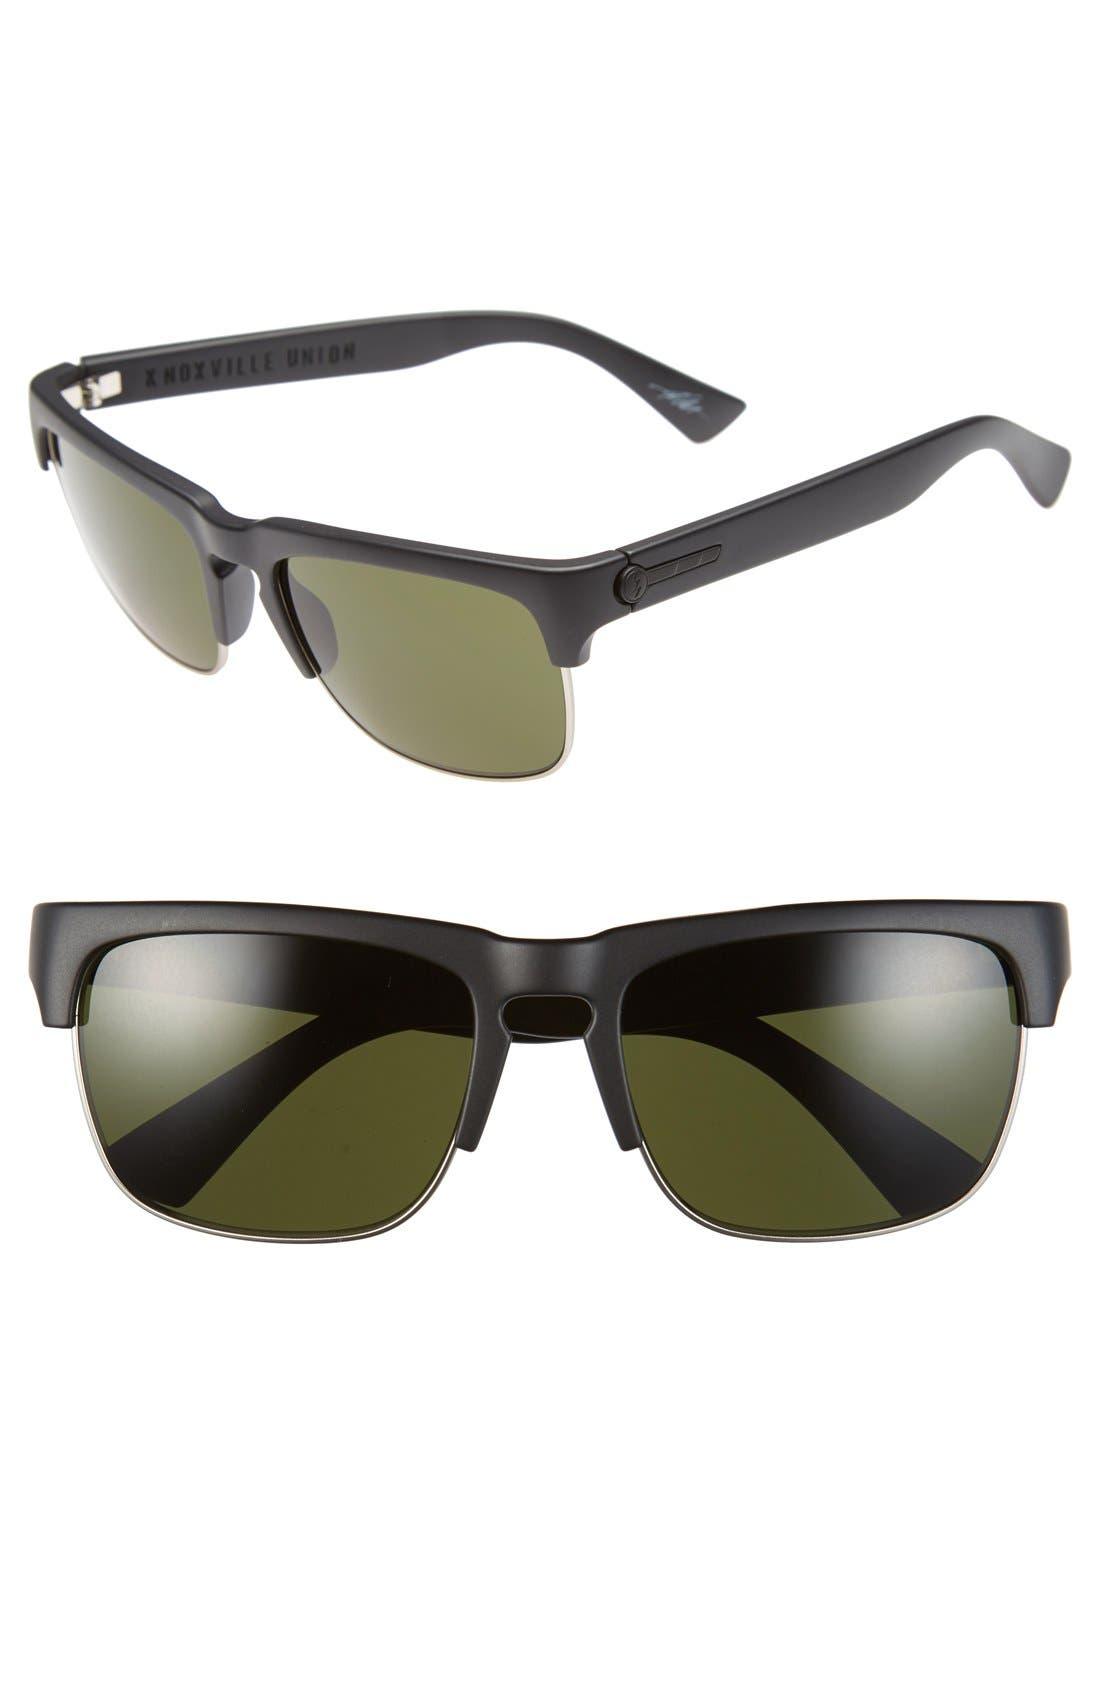 'Knoxville Union' 55mm Sunglasses,                         Main,                         color, MATTE BLACK/ GREY